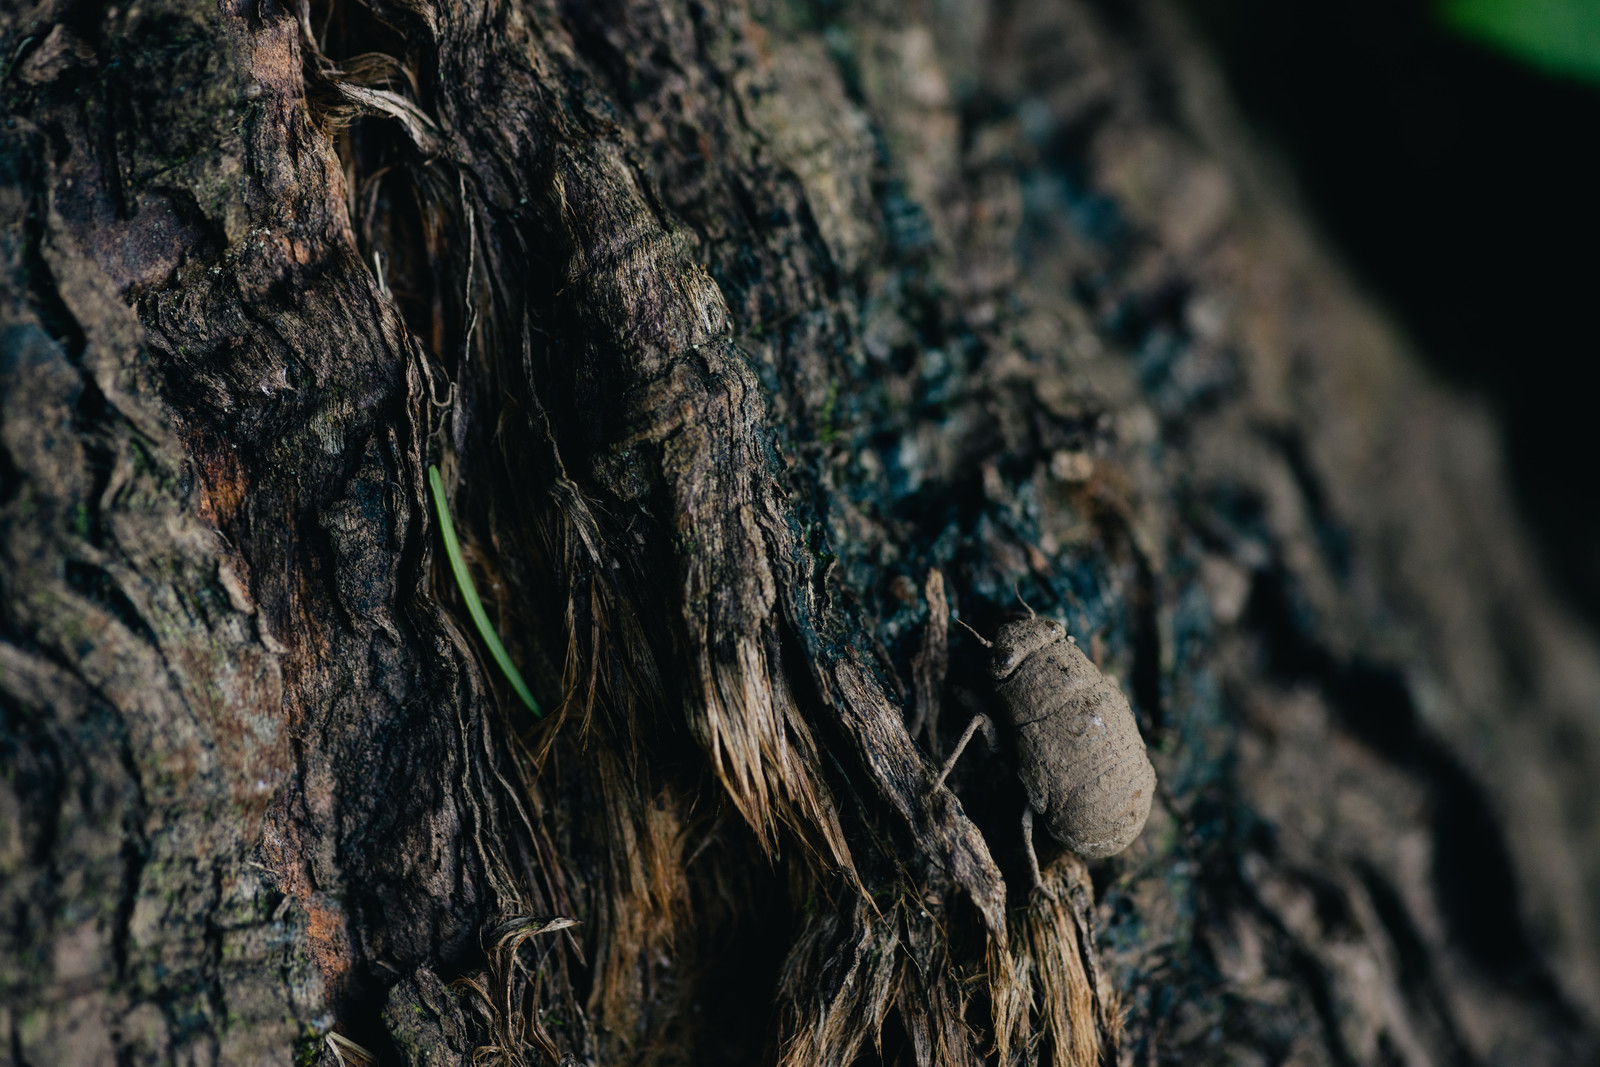 「土中で約3年間すごして地上に出てきたばかりのニイニイゼミ」の写真